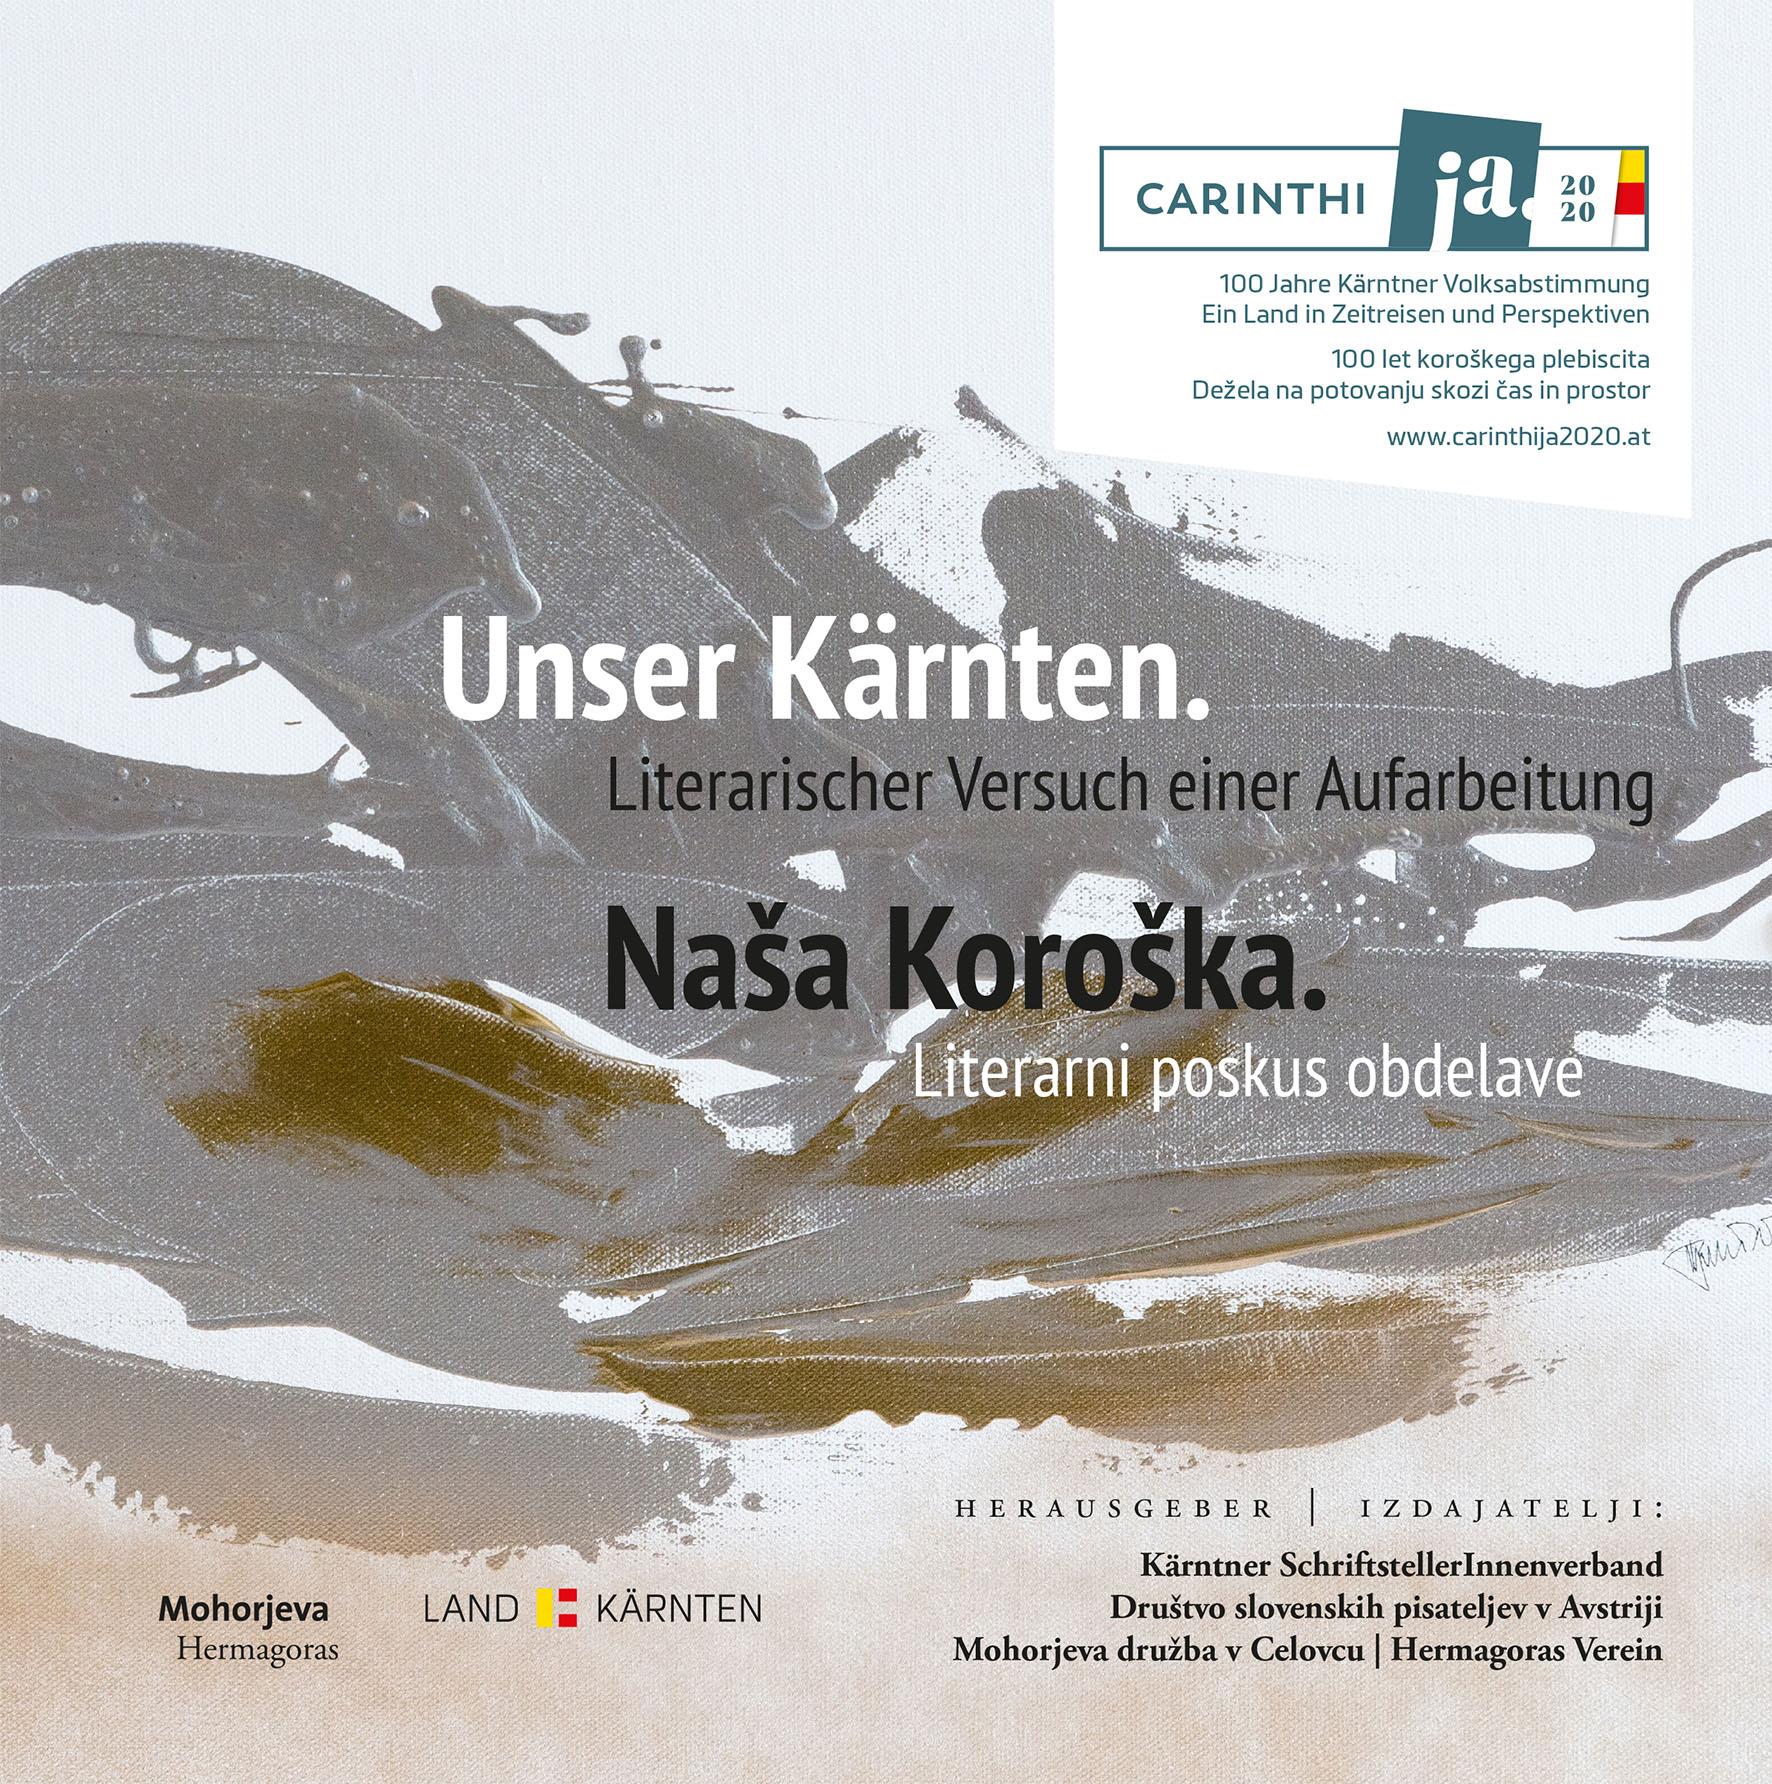 Slika: Predstavitev knjige: Unser Kärnten - Naša Koroška